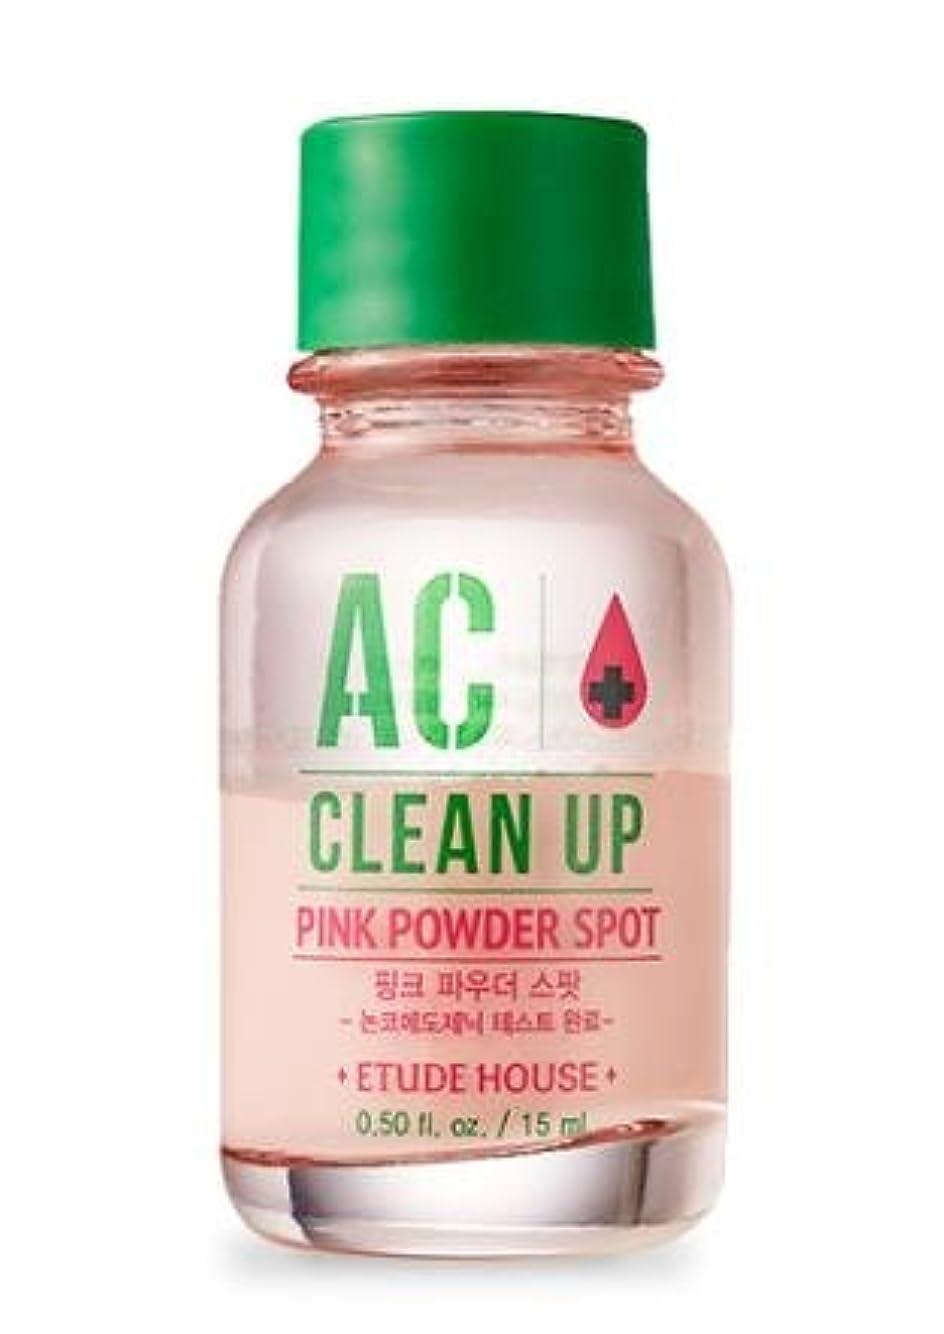 ウォーターフロント画像ワーディアンケースETUDE HOUSE AC Clean Up Pink Powder Spot 15ml エチュードハウスACクリーンアップピンクパウダースポット [並行輸入品]